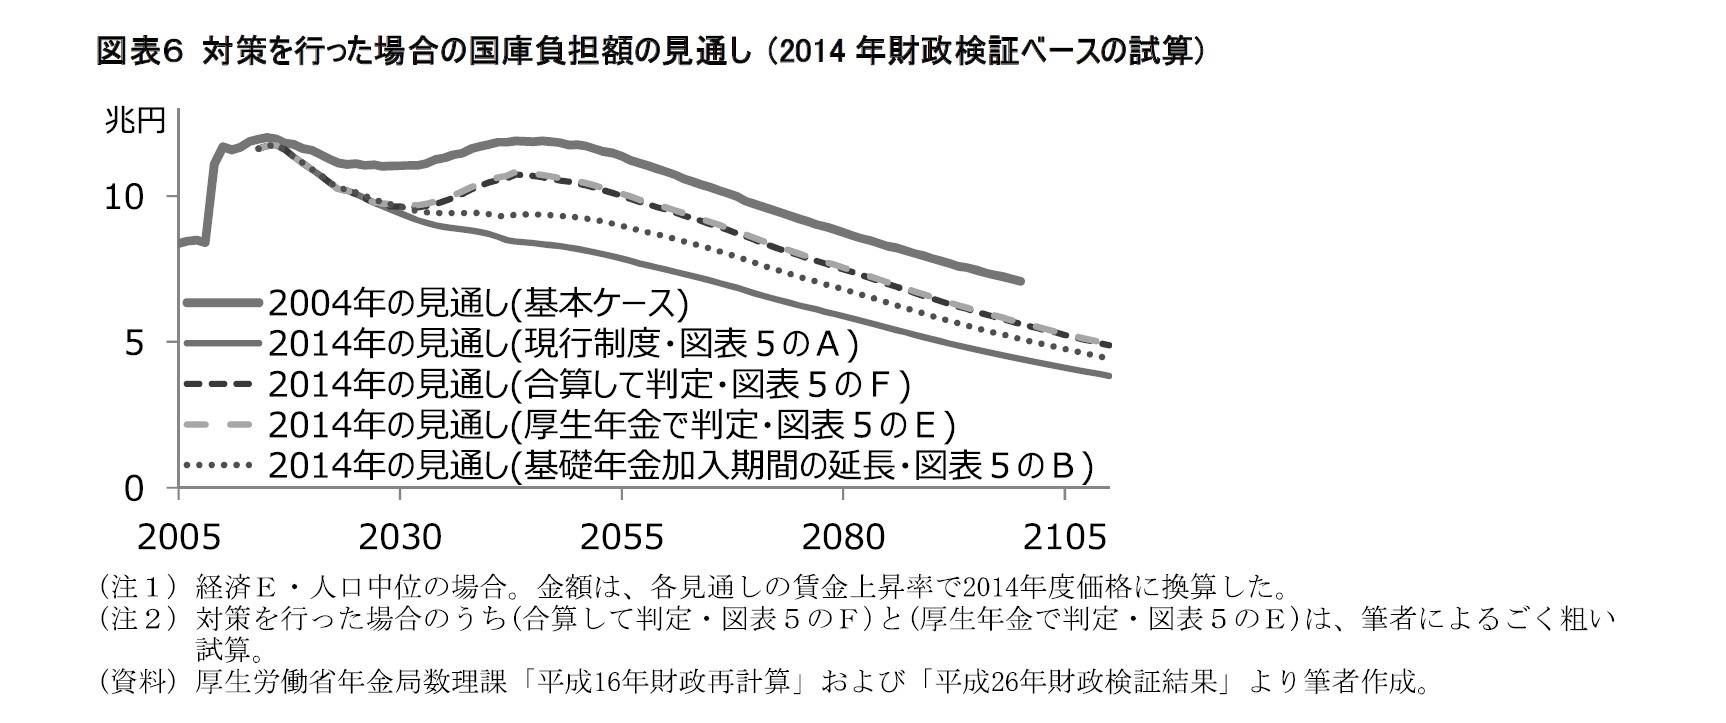 図表6 対策を行った場合の国庫負担額の見通し (2014年財政検証ベースの試算)